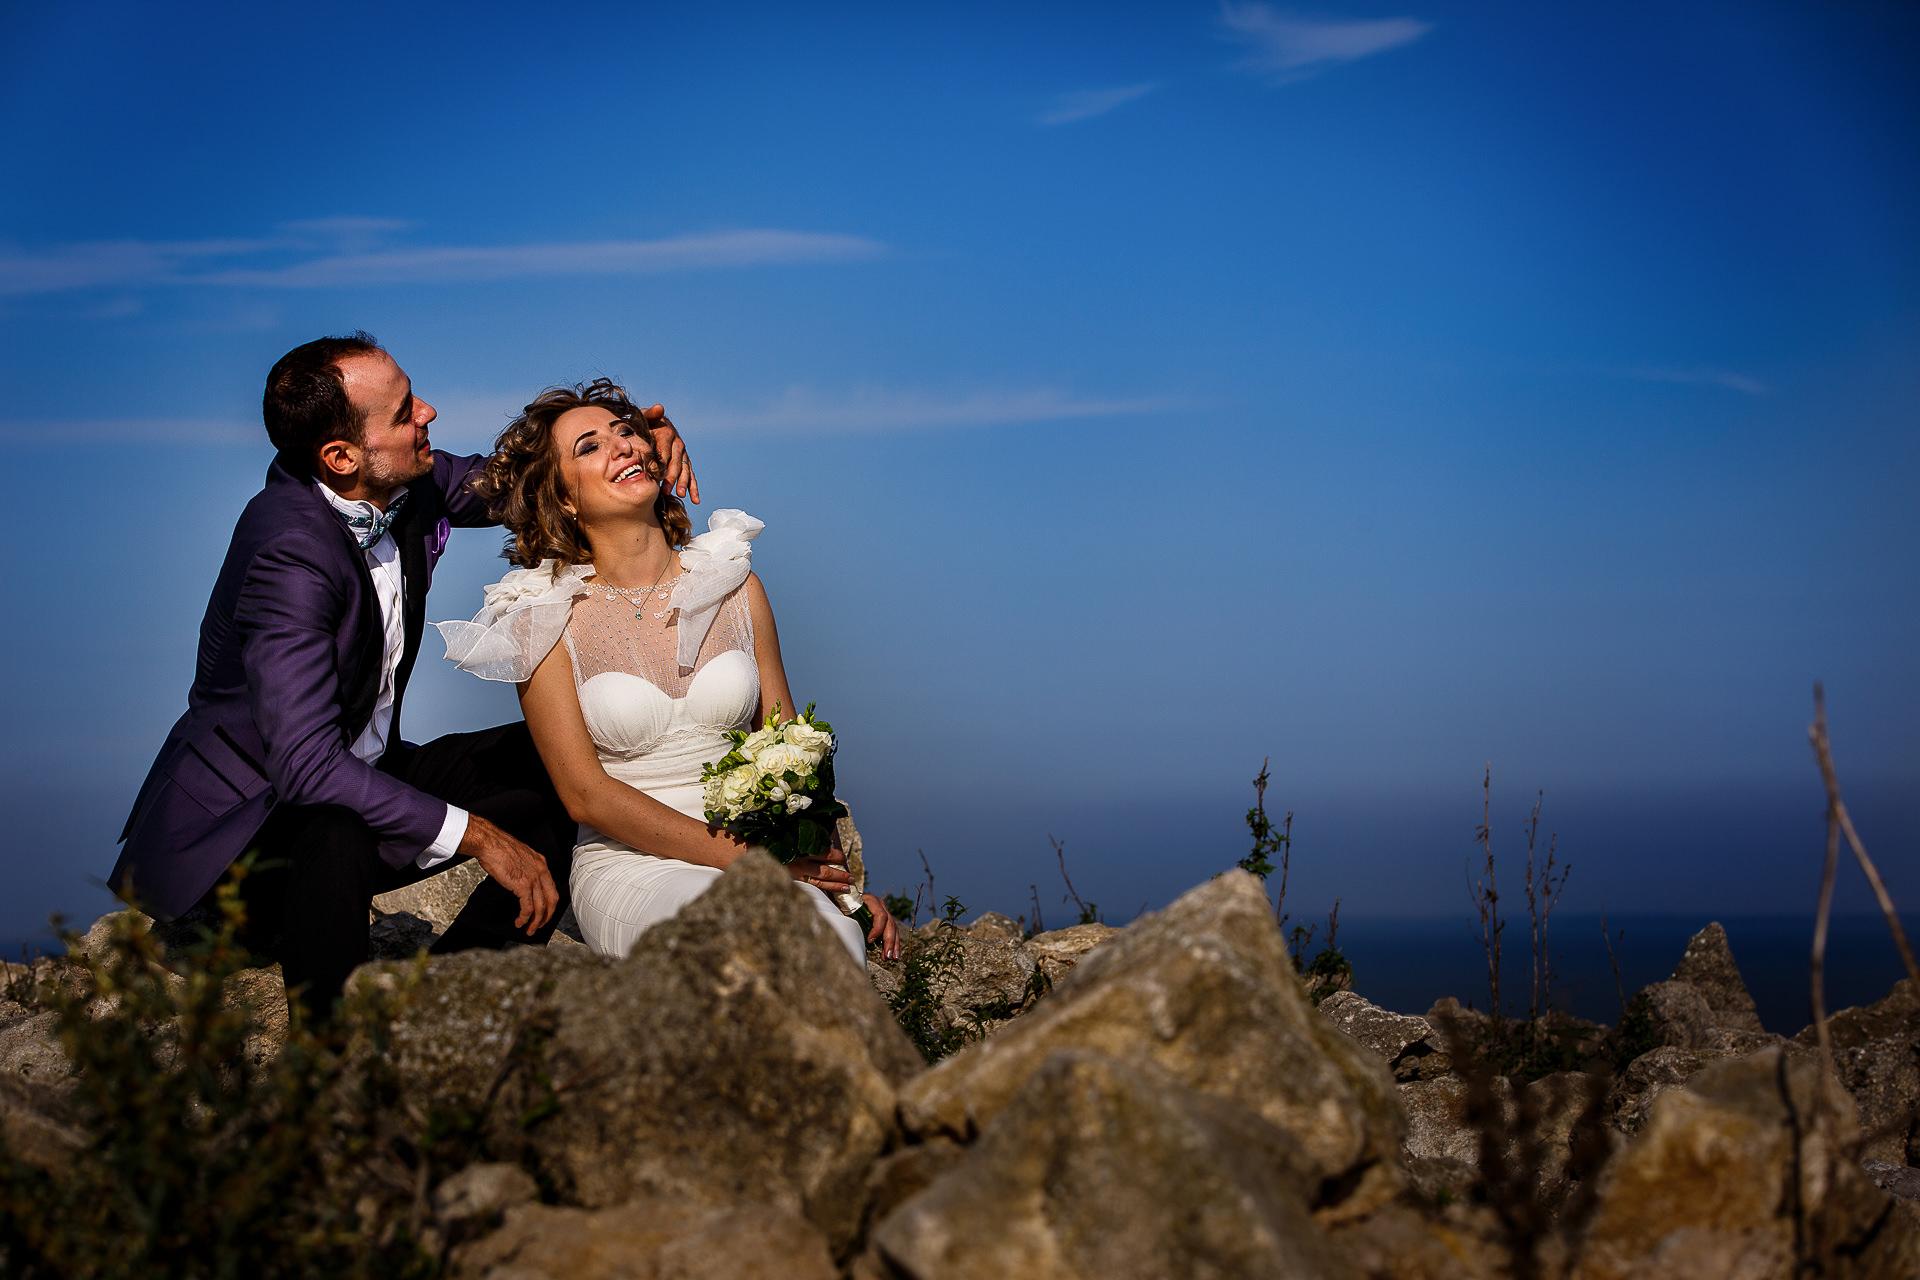 Şedinţă foto Trash The Dress - după nuntă la Cetatea Enisala, Tulcea - România - cu Mihaela şi Octavian - Mihai Zaharia Photography - 05